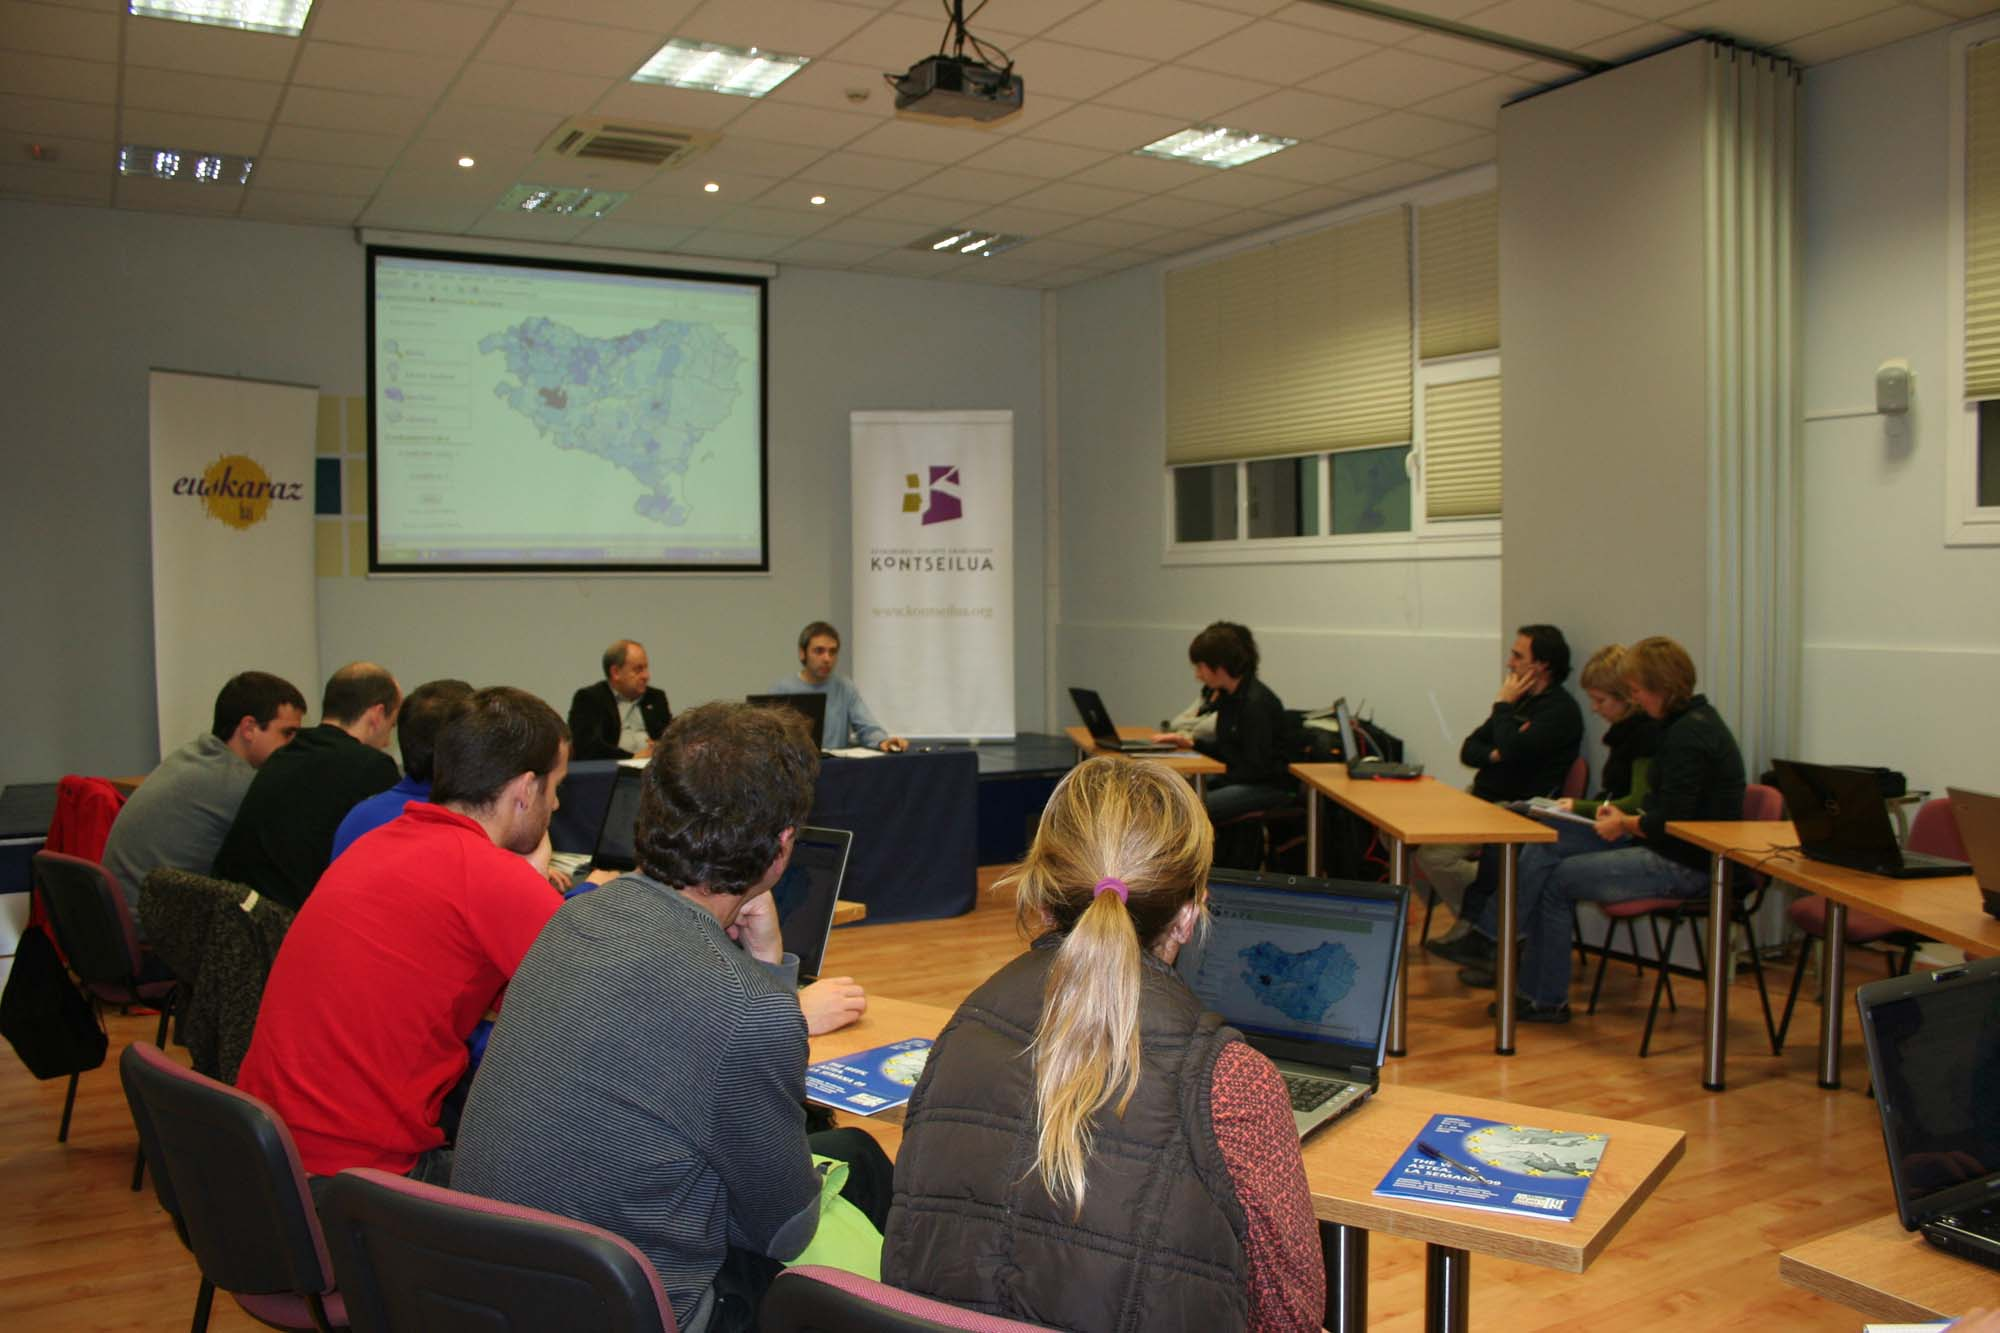 Euskalgintzaren mapa direktorioa aurkeztu du Kontseilua